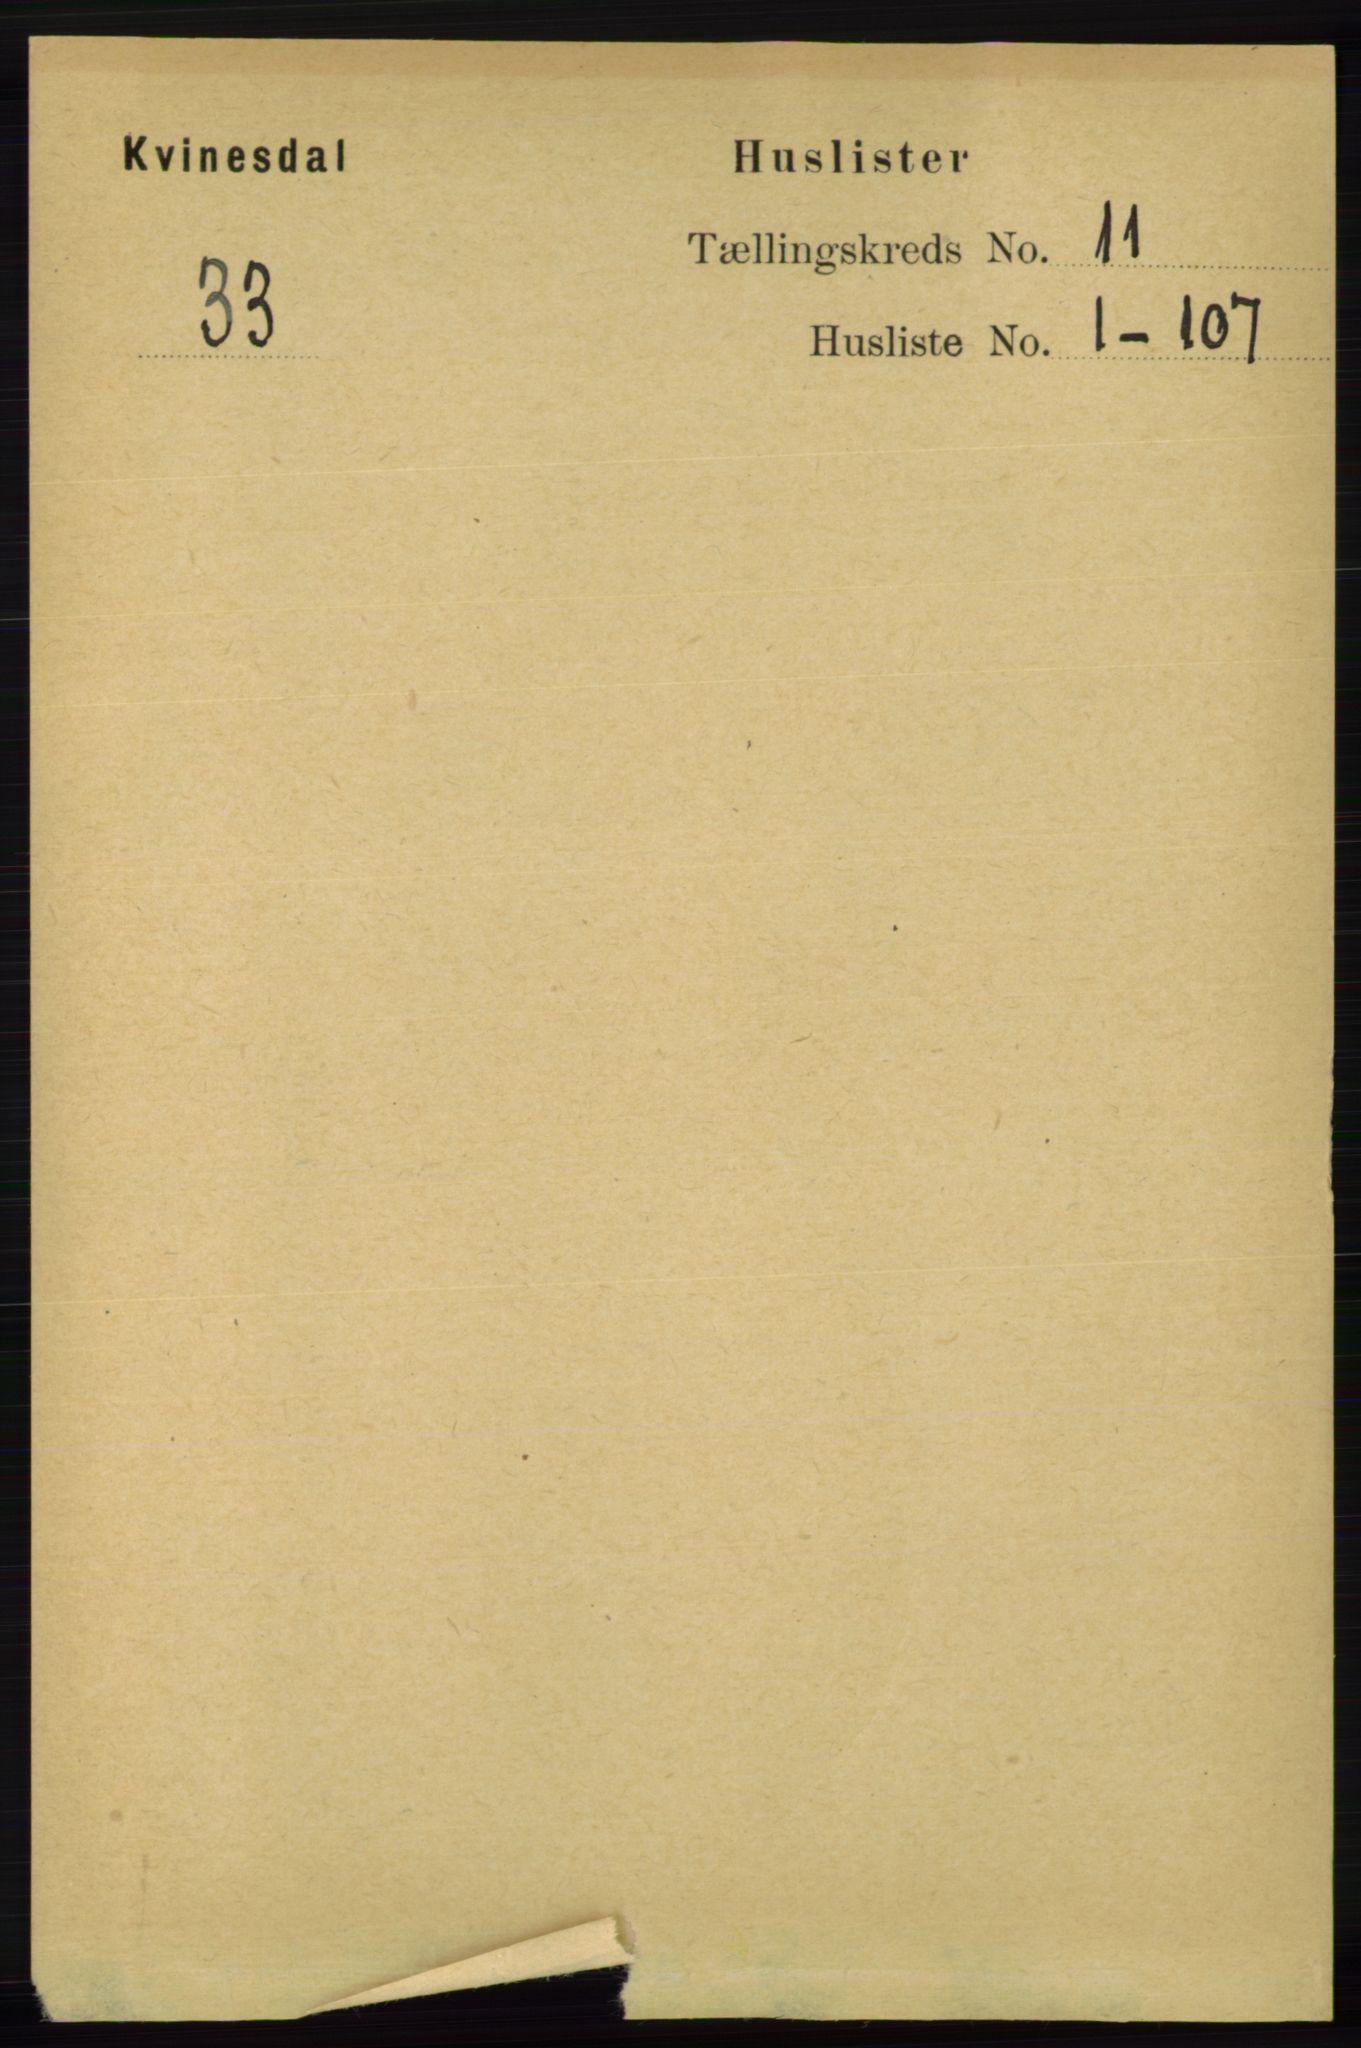 RA, Folketelling 1891 for 1037 Kvinesdal herred, 1891, s. 4391